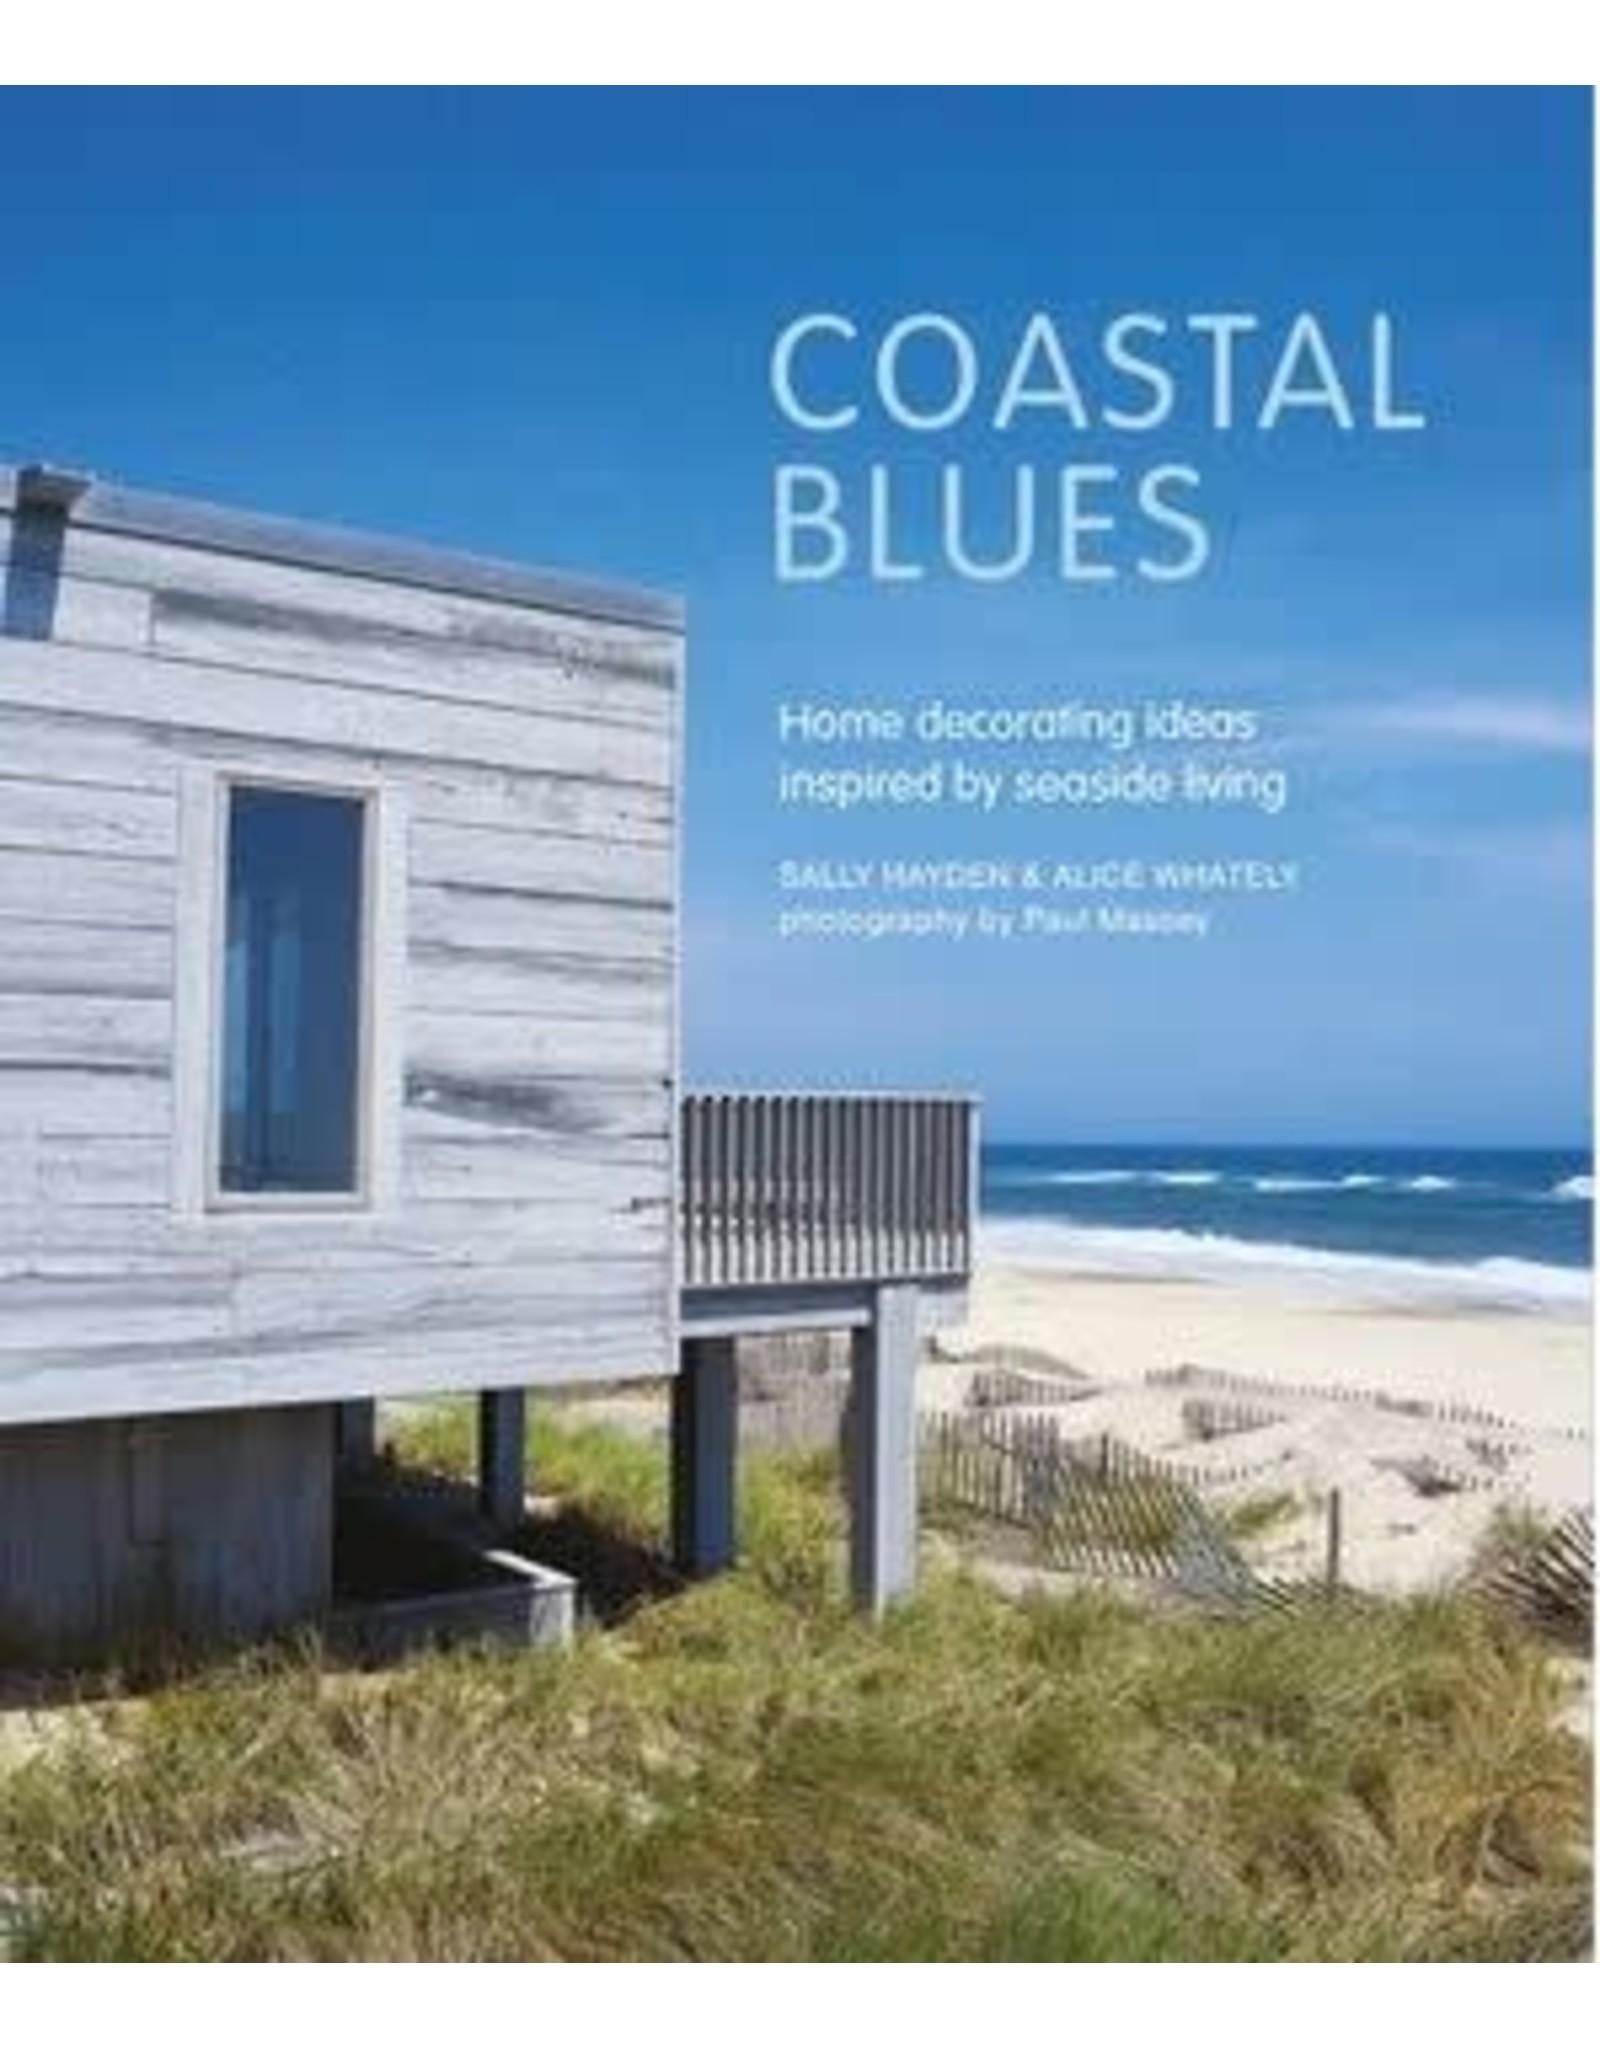 Coastal Blues by Sally Hayden & Alice Whatley